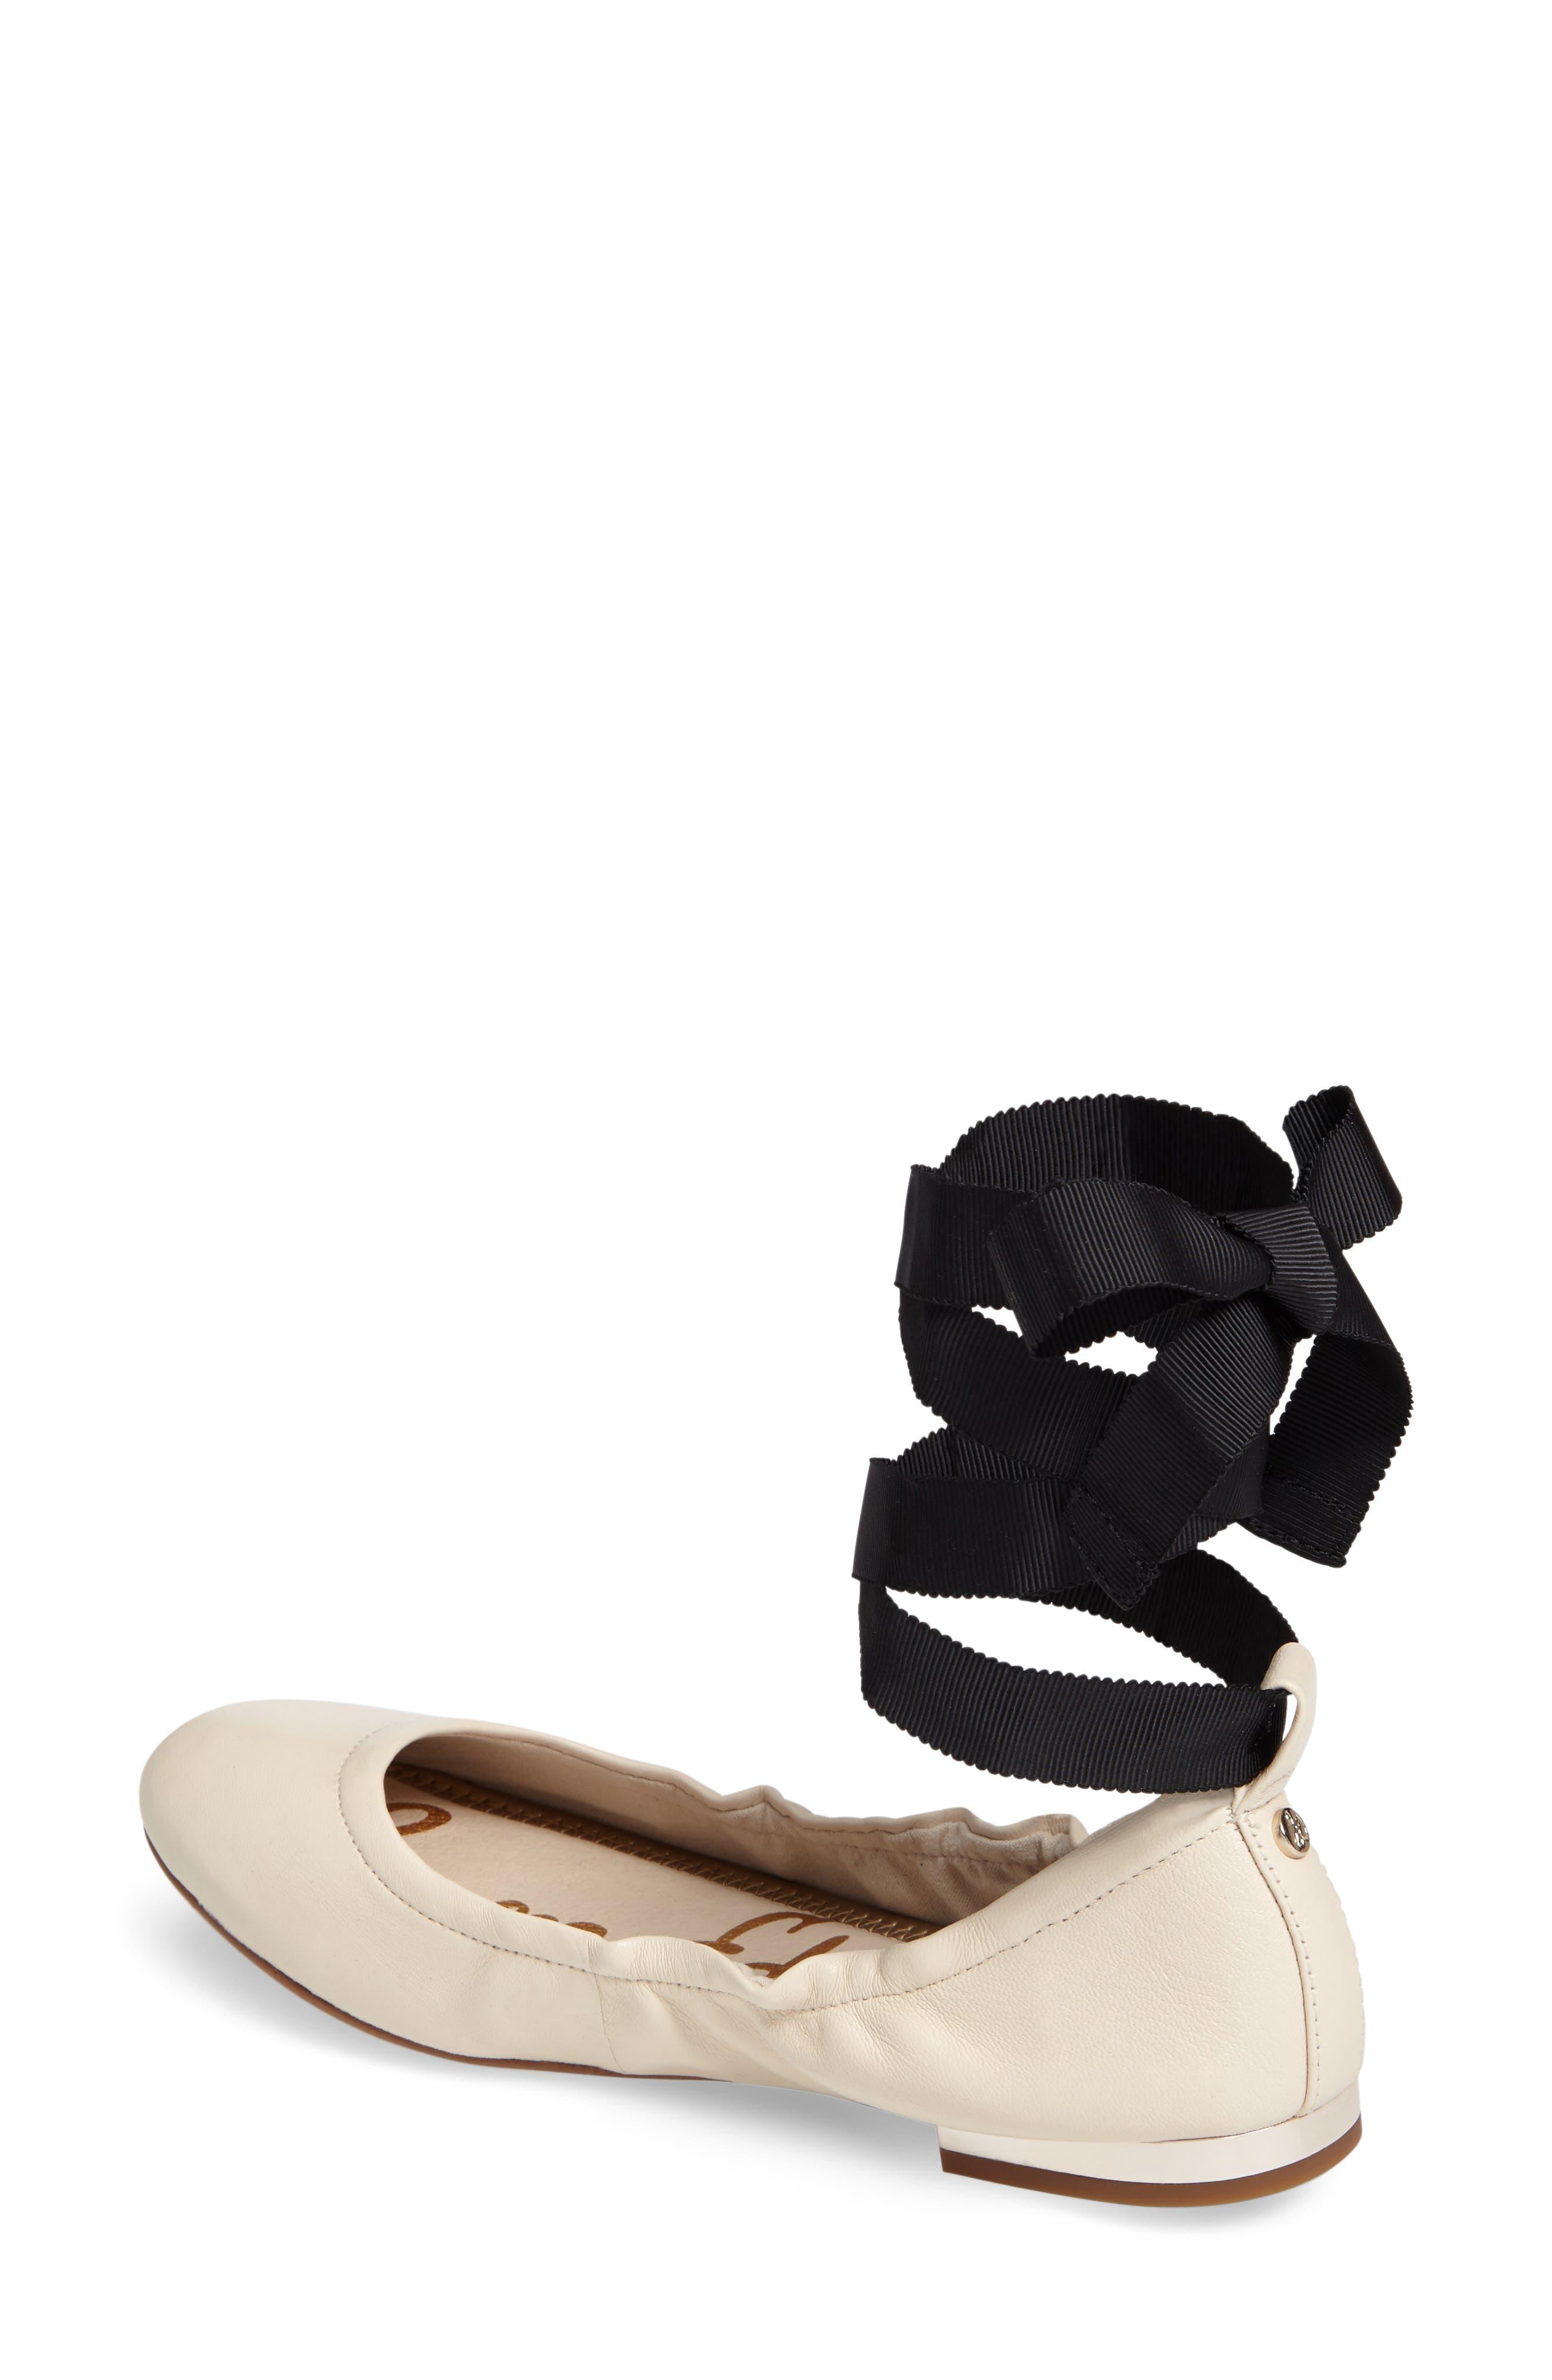 Alternate Image 2  - Sam Edelman Fallon Wraparound Tie Flat (Women)